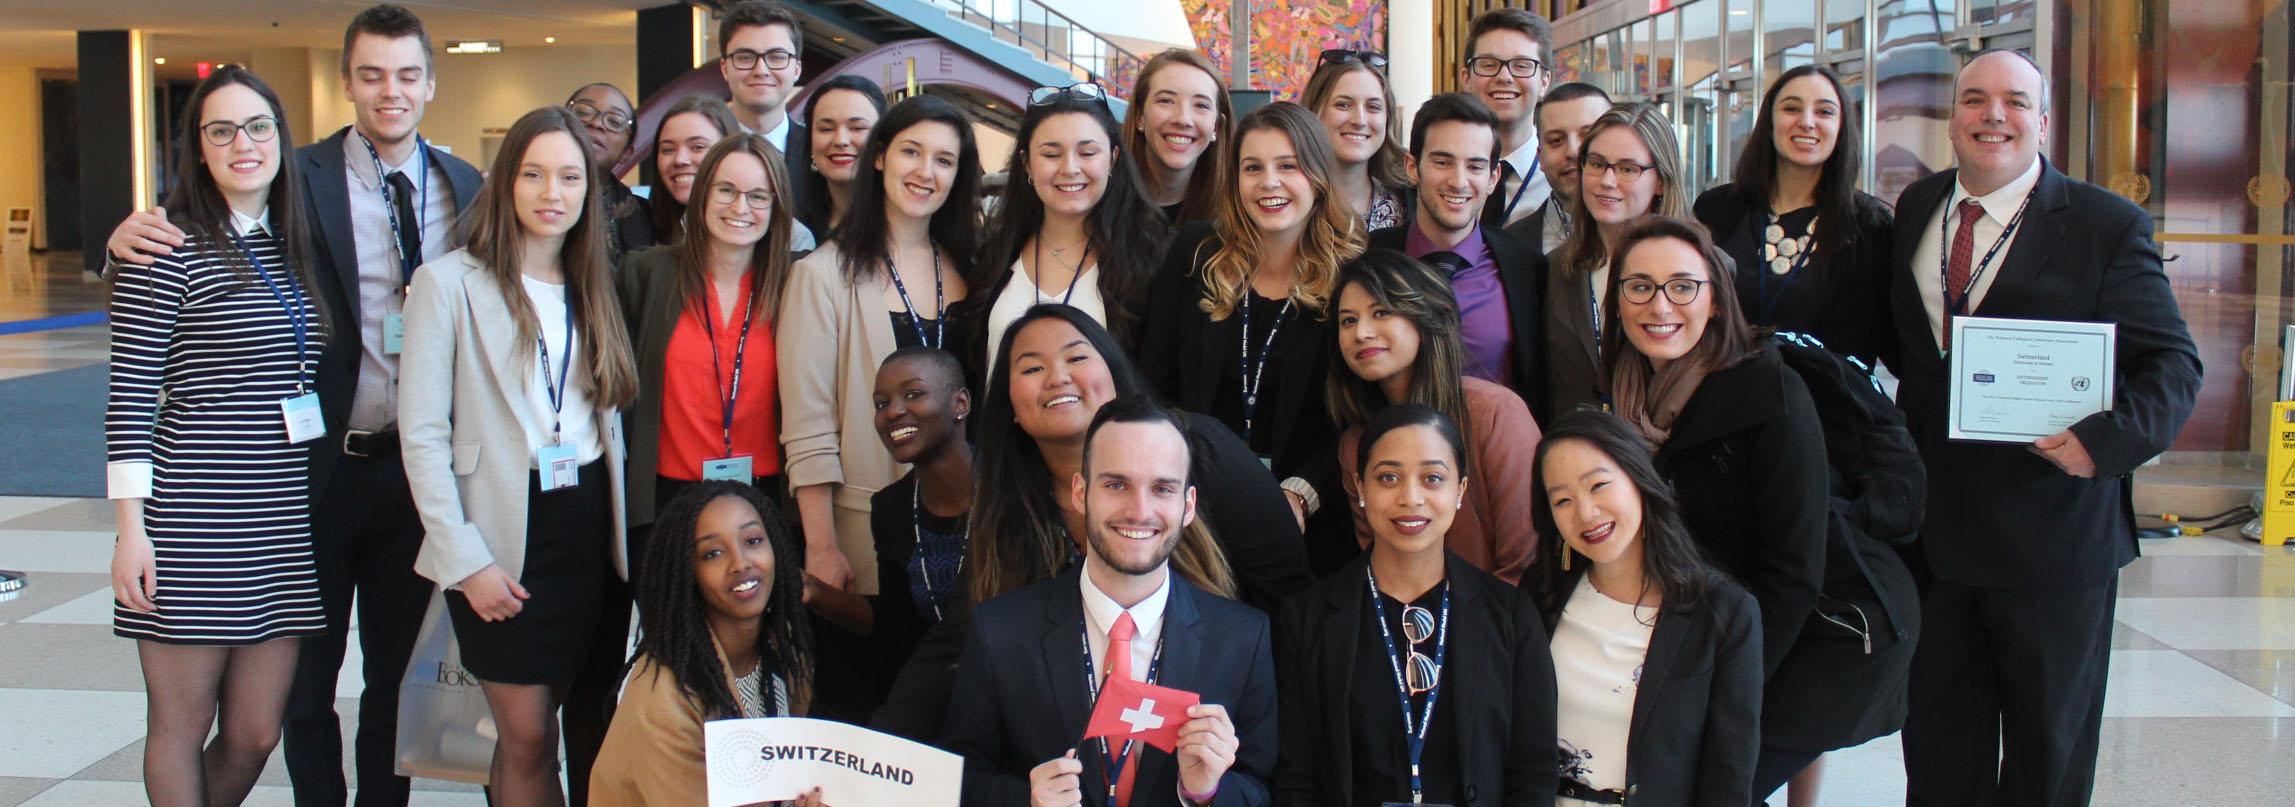 groupe d'étudiants qui pose pour une photo